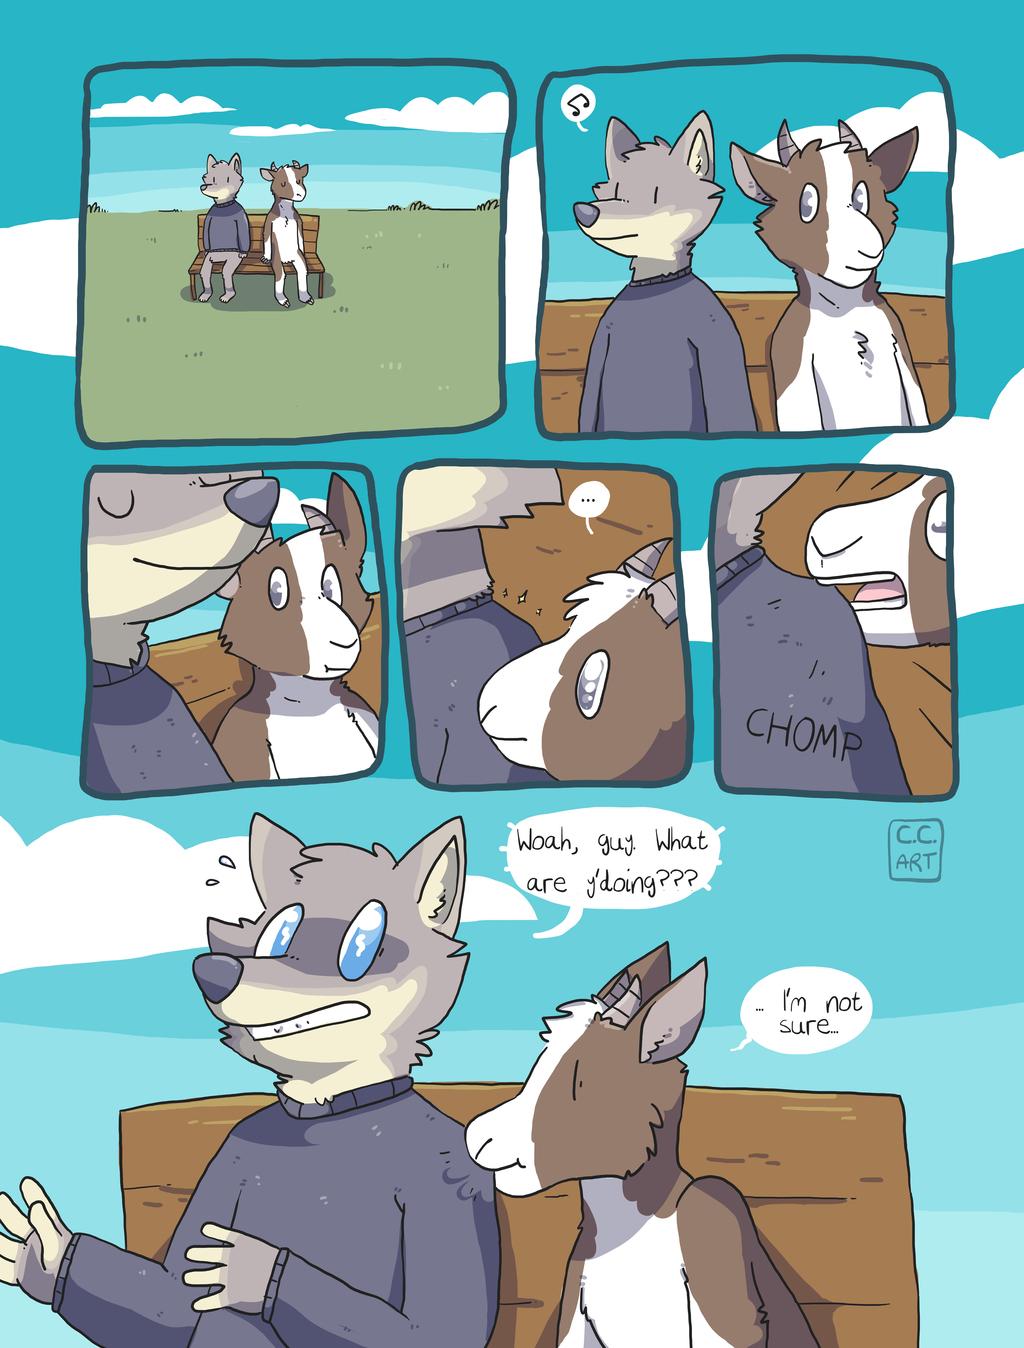 Goat Urges [comic]